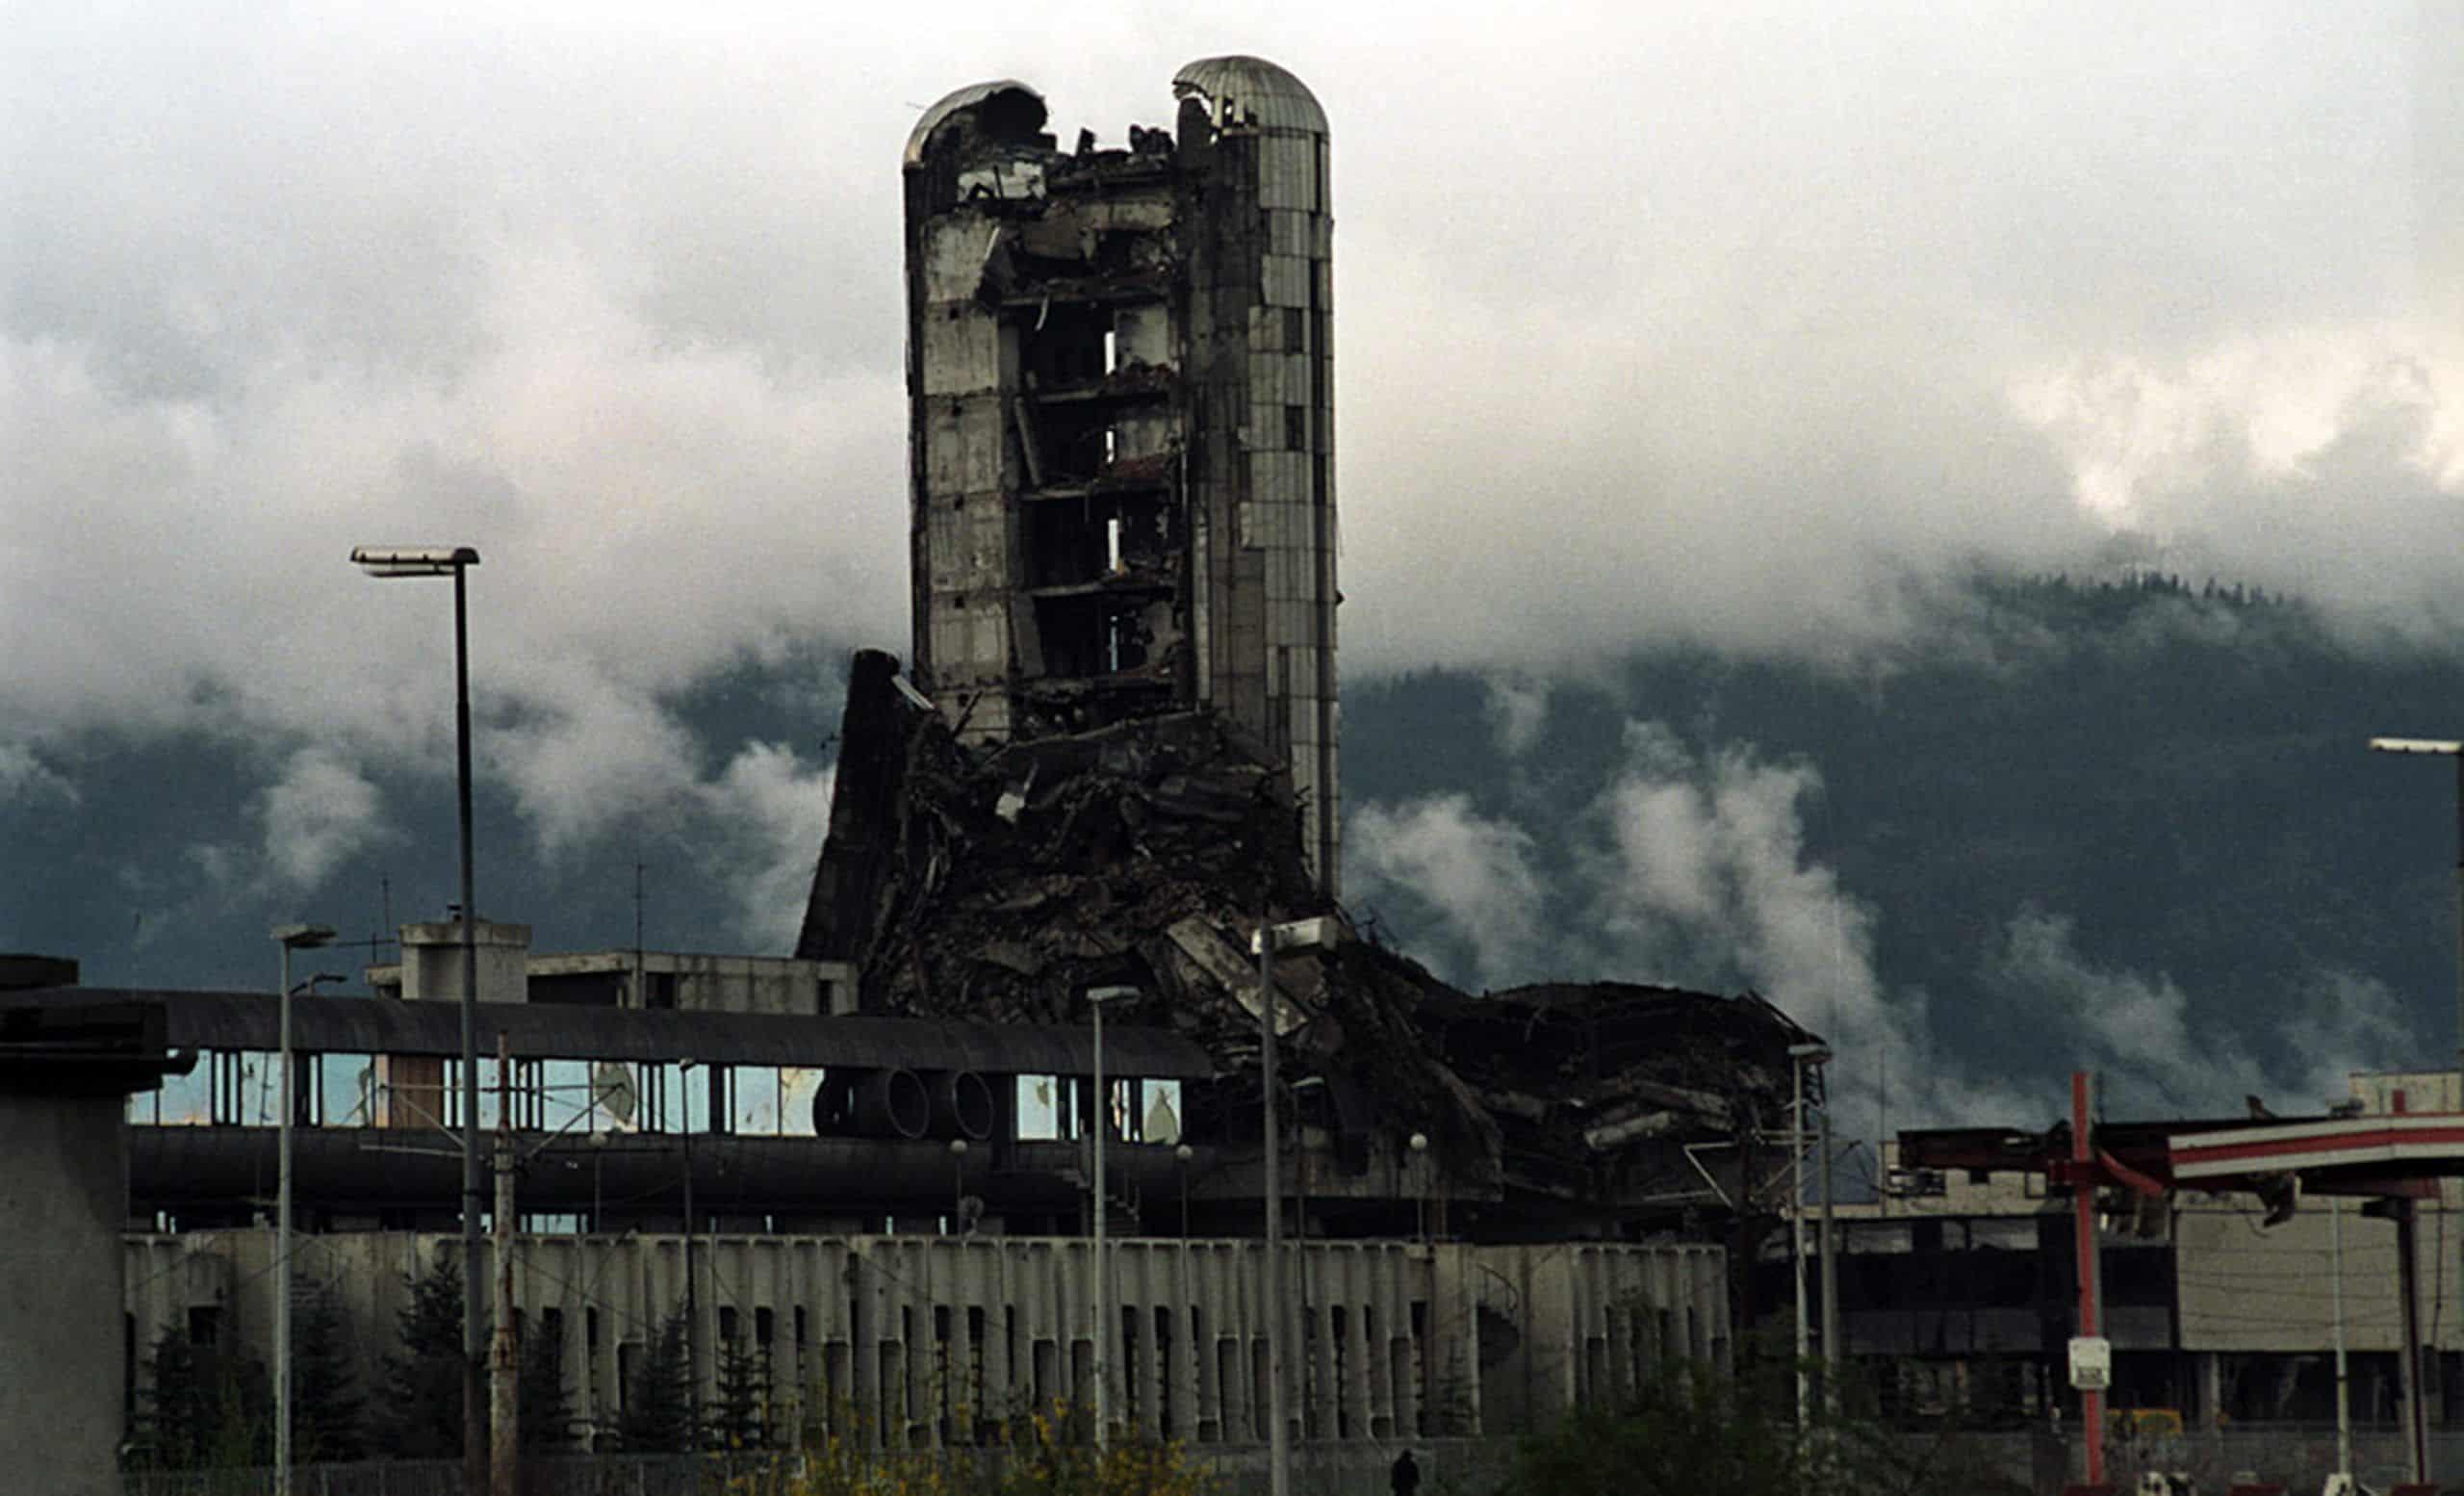 Newspaper company Oslobodjenje During The Siege of Sarajevo, saraejvo, siege of sarajevo, war in bosnia